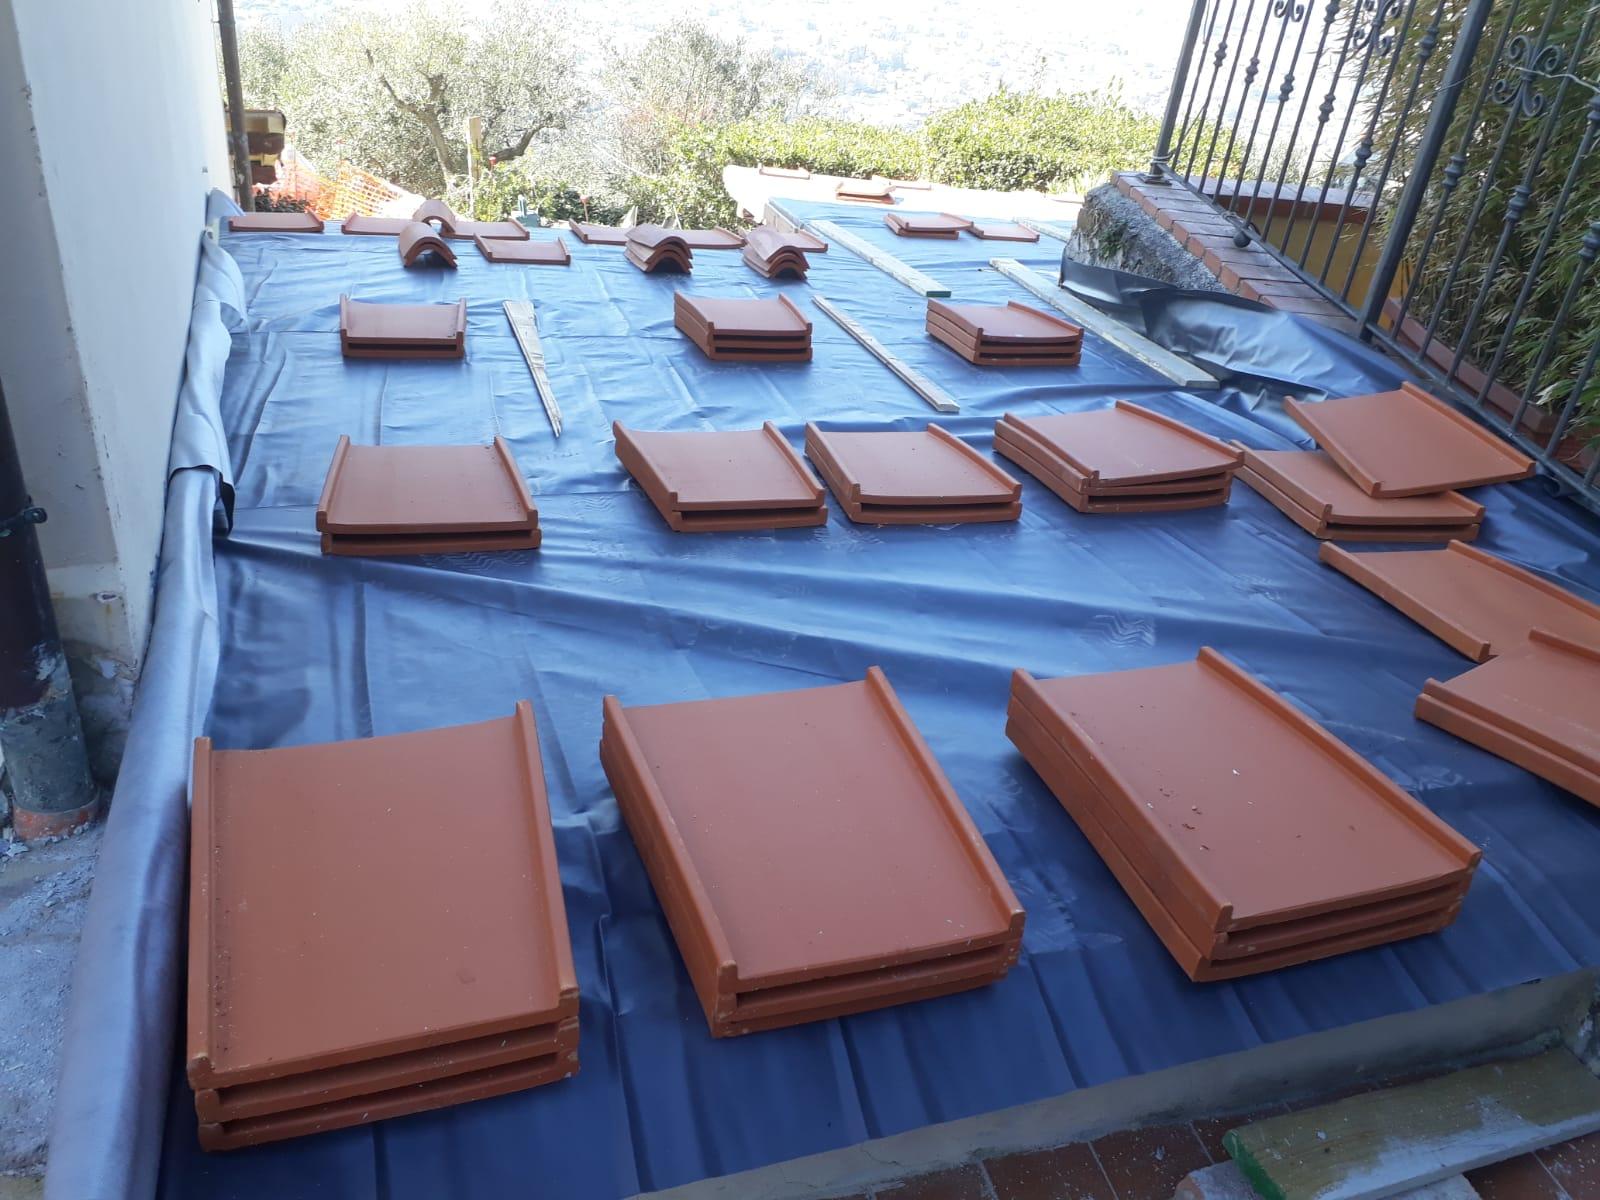 31. Realizzazione rivestimento nuova copertura con tegole piane estruse in laterizio: lavori in corso.